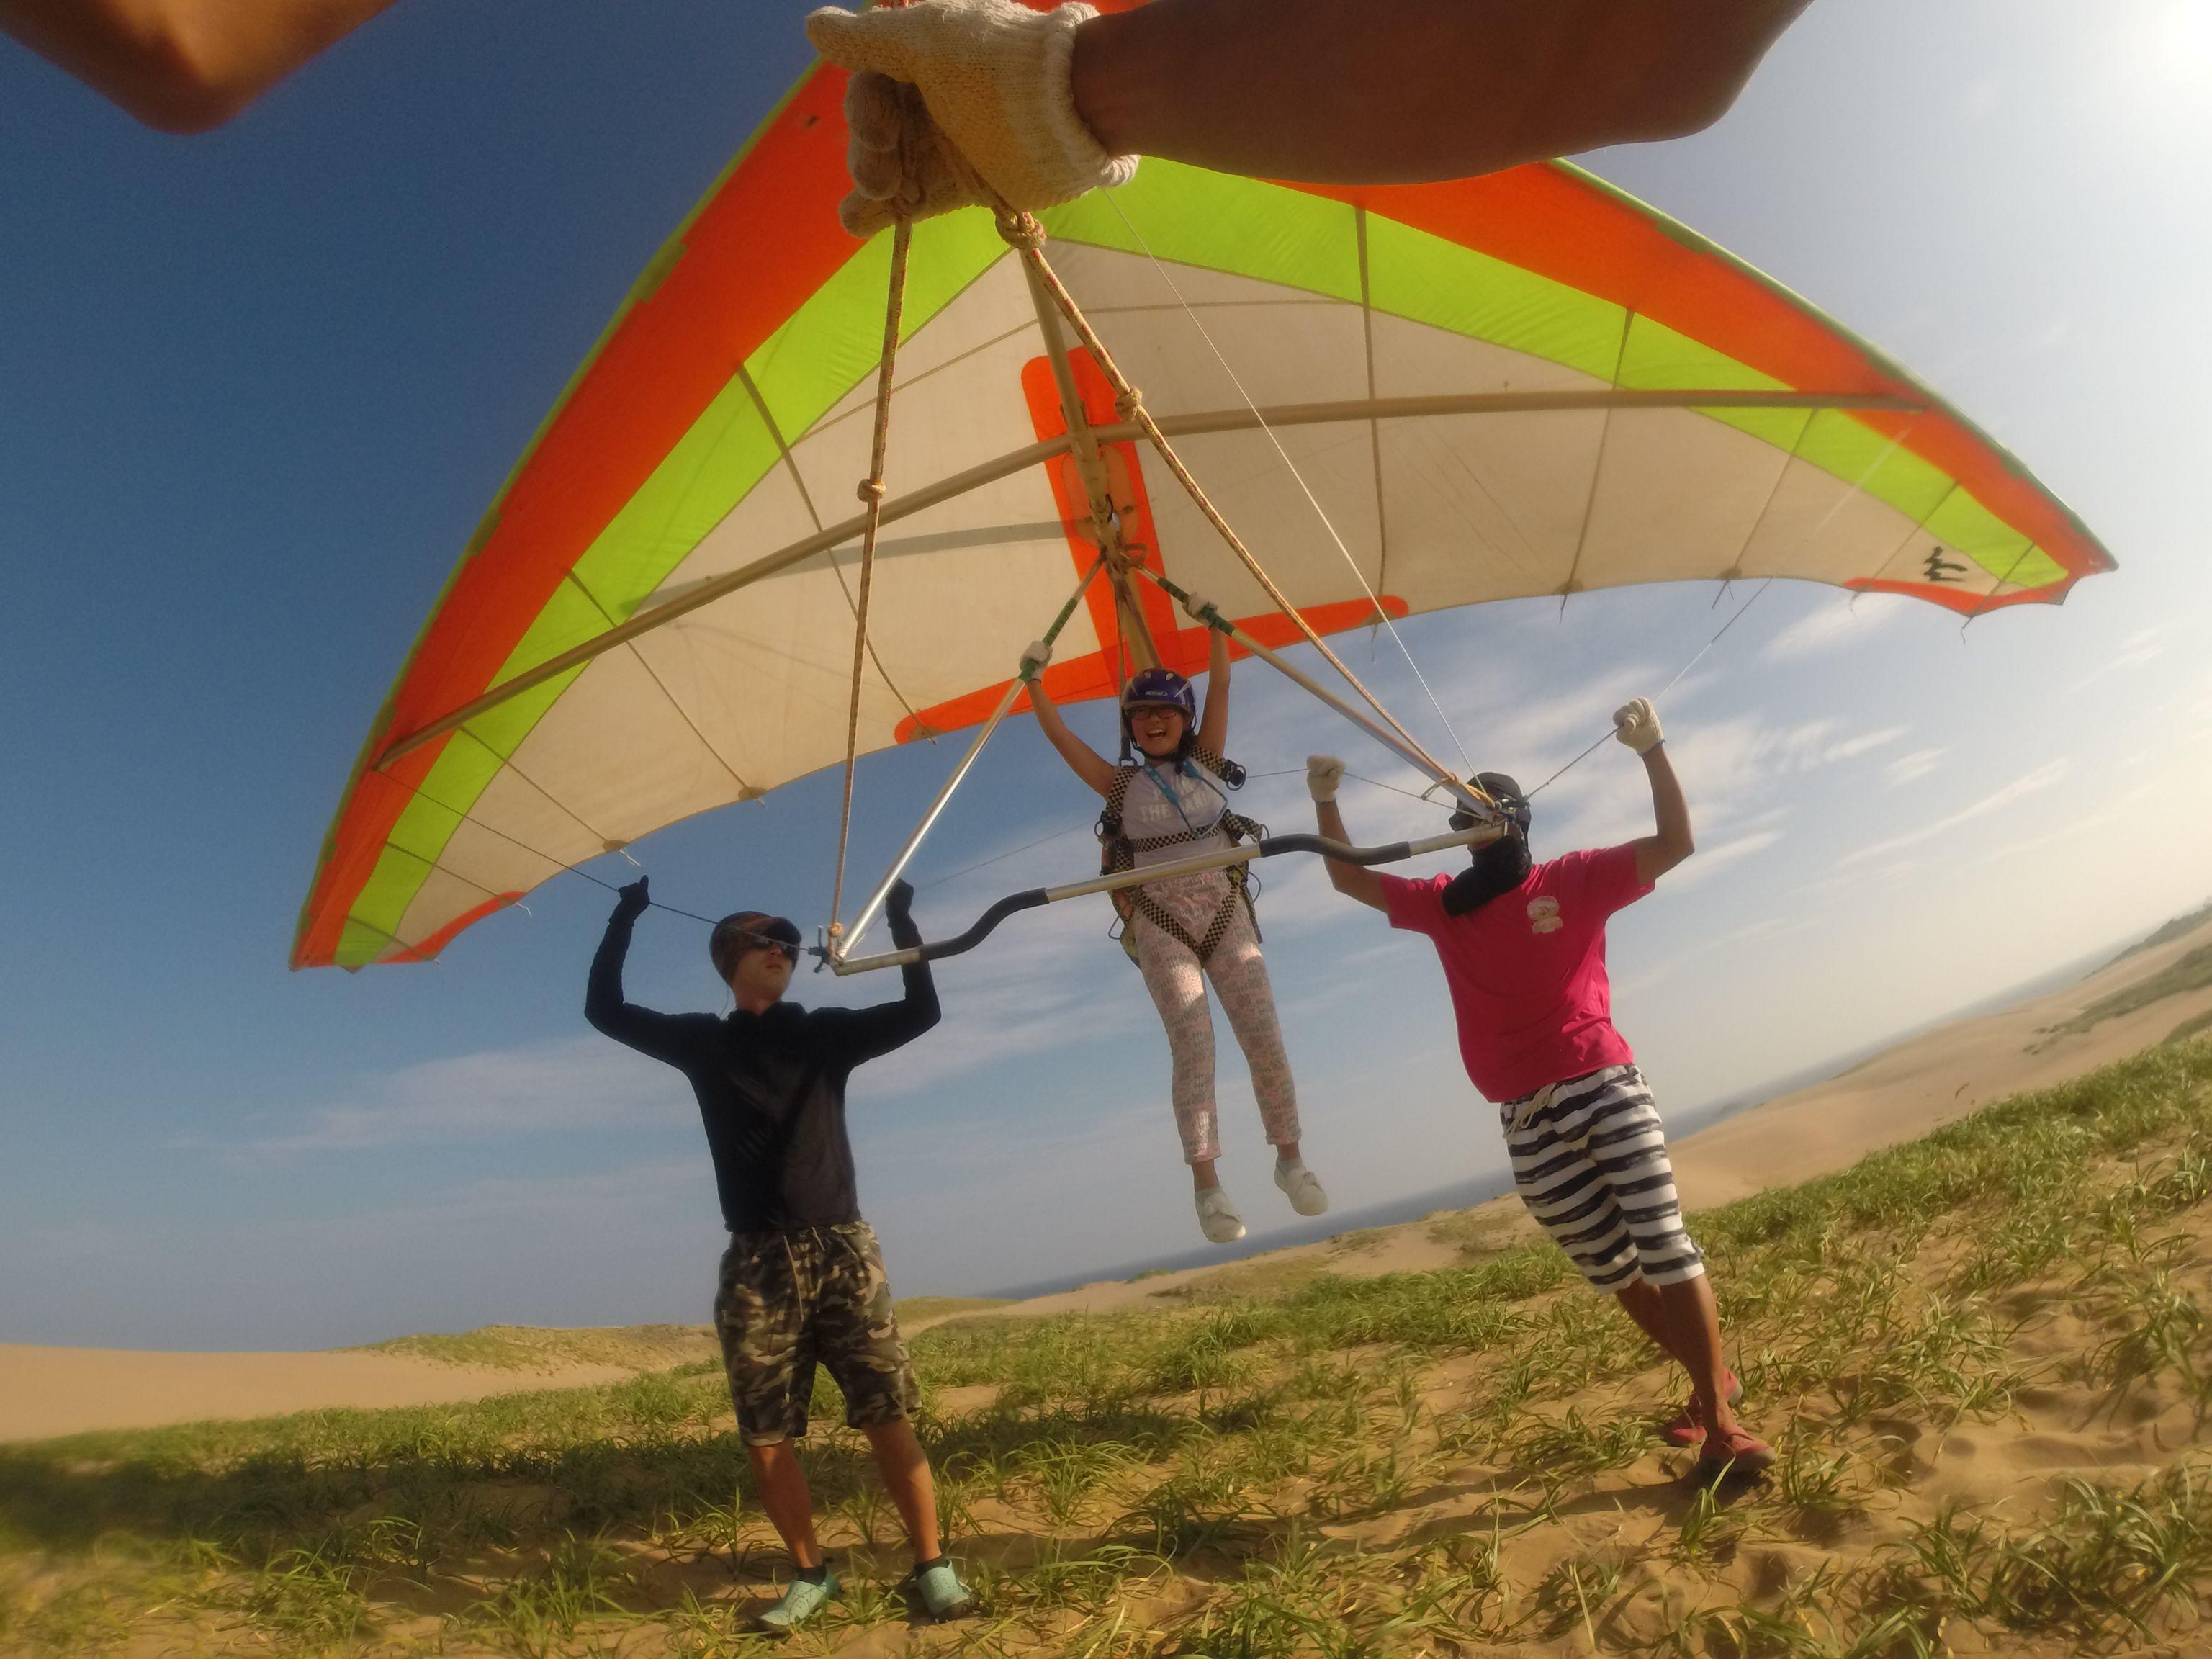 難しい風の場合にはハンググライダーの出番